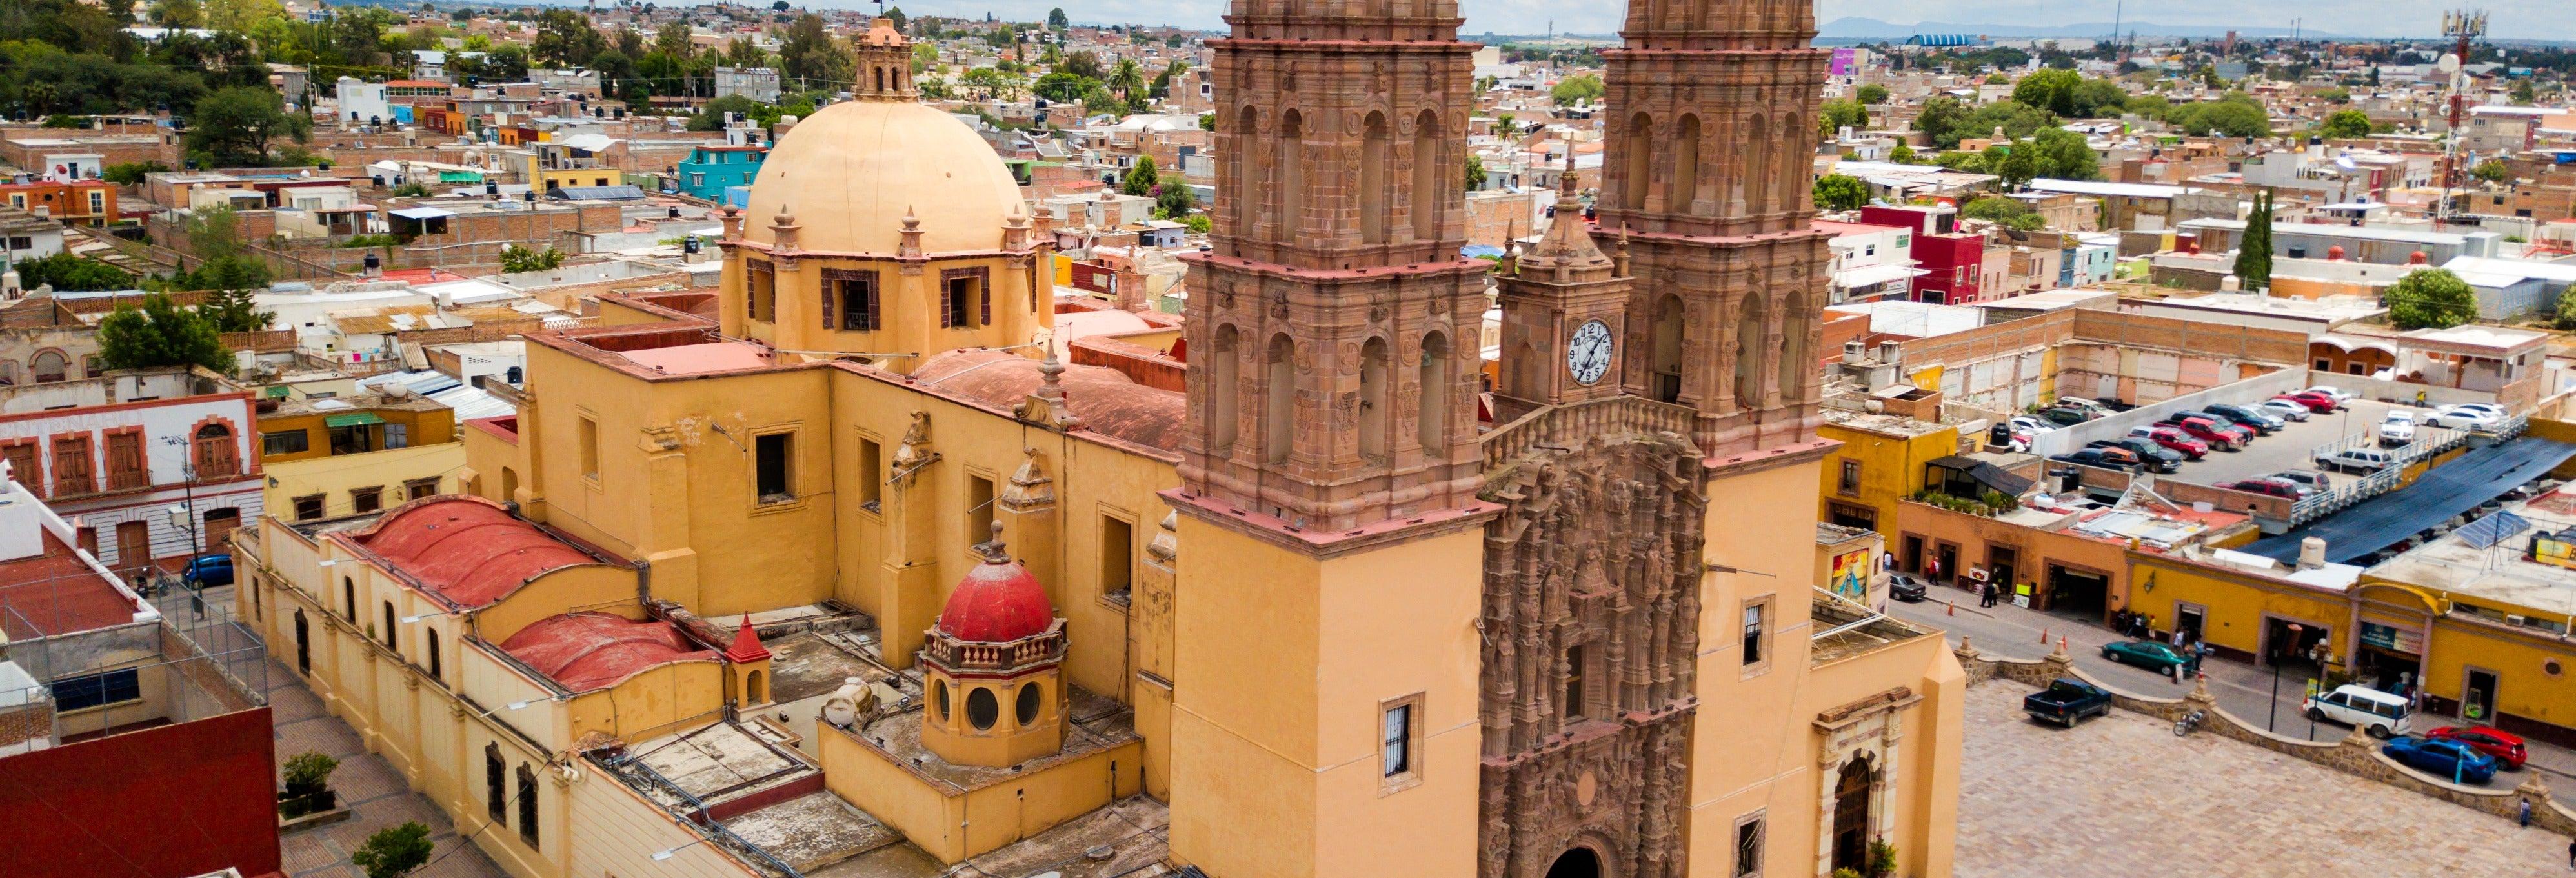 Excursión por los pueblos de la independencia mexicana